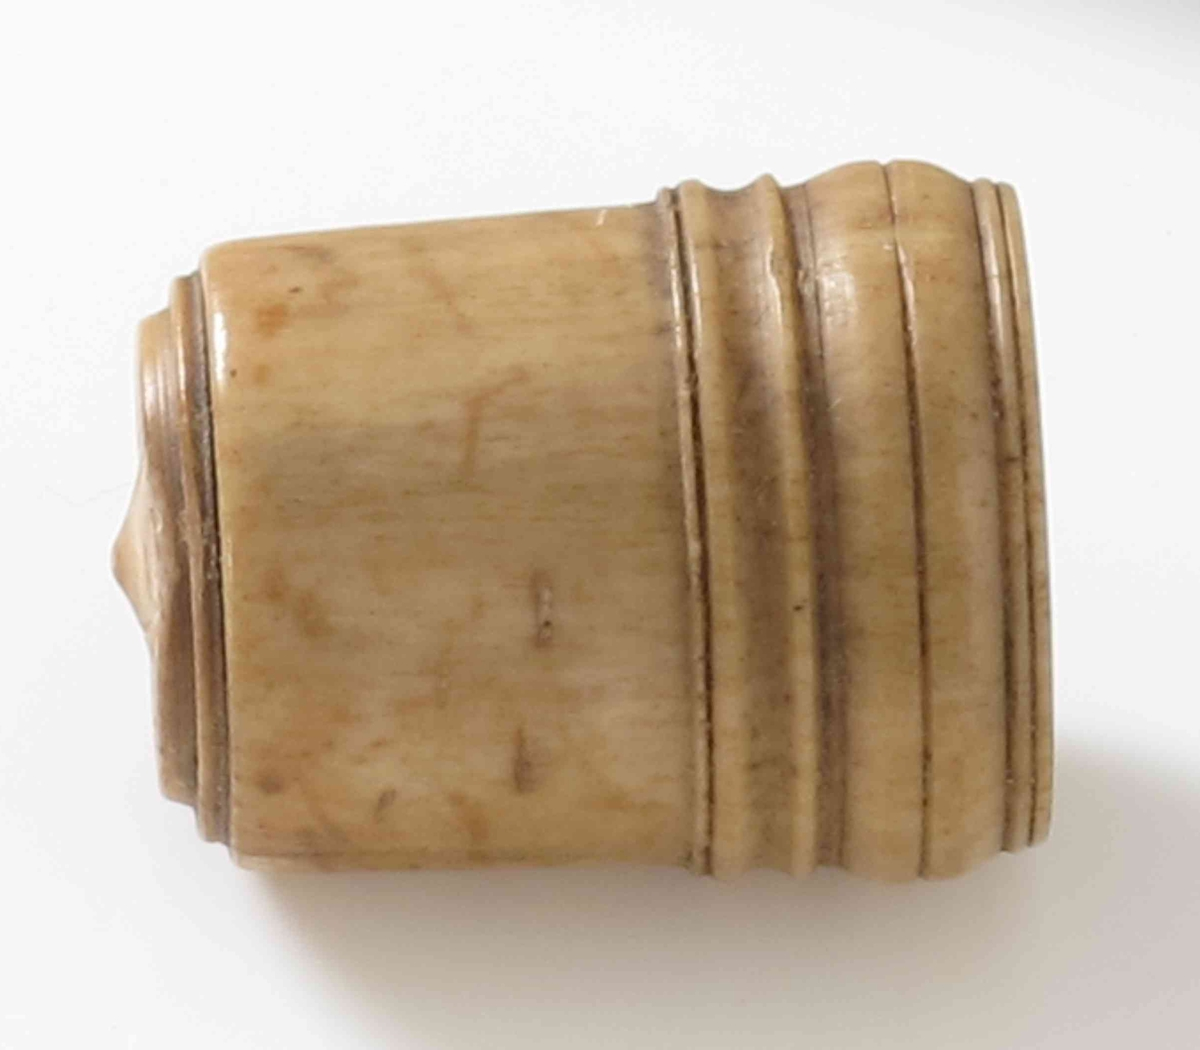 Lokk til nålehus (?)  eller annen sylinder.  Elfenben.  Av form som et litt stort fingerbøl,  med innvendige skrugjenger,  utvendig profilringer nederst og rundt  toppflaten, som har en liten midtknopp,  Innrisset rundt midtknoppen:   PMK  =lettmatros Peder Madsen.